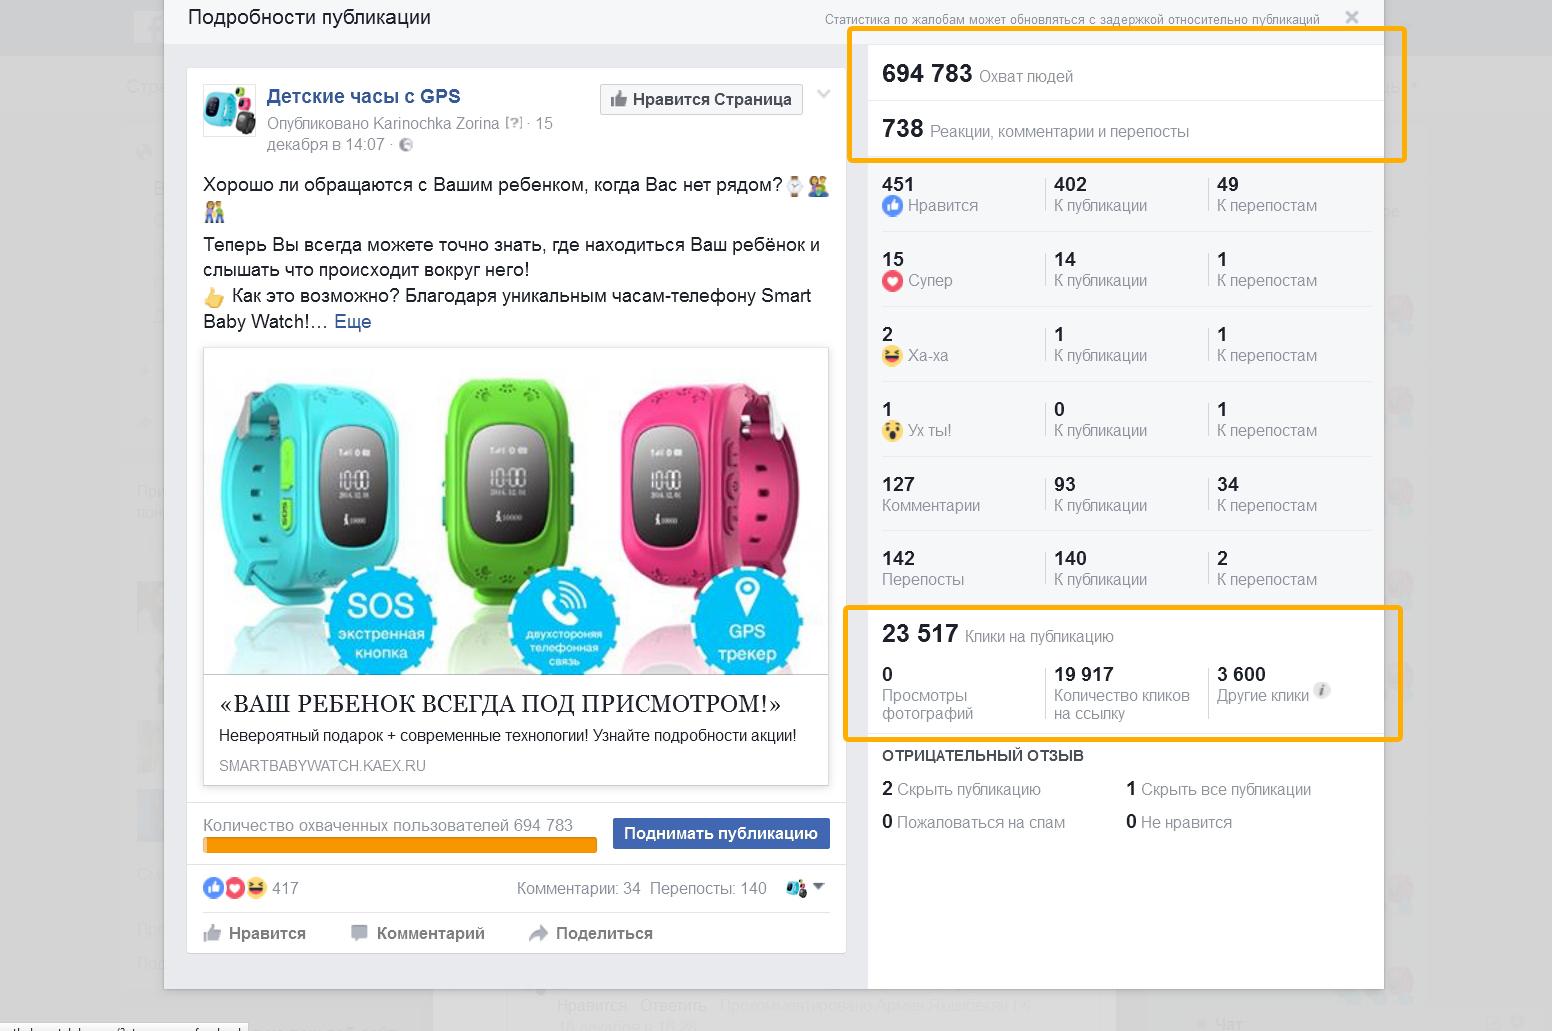 Подробный отчет по рекламному объявлению с детализацией по количеству охваченных пользователей, кликов на сам креатив и нажатий на кнопку «нравится».